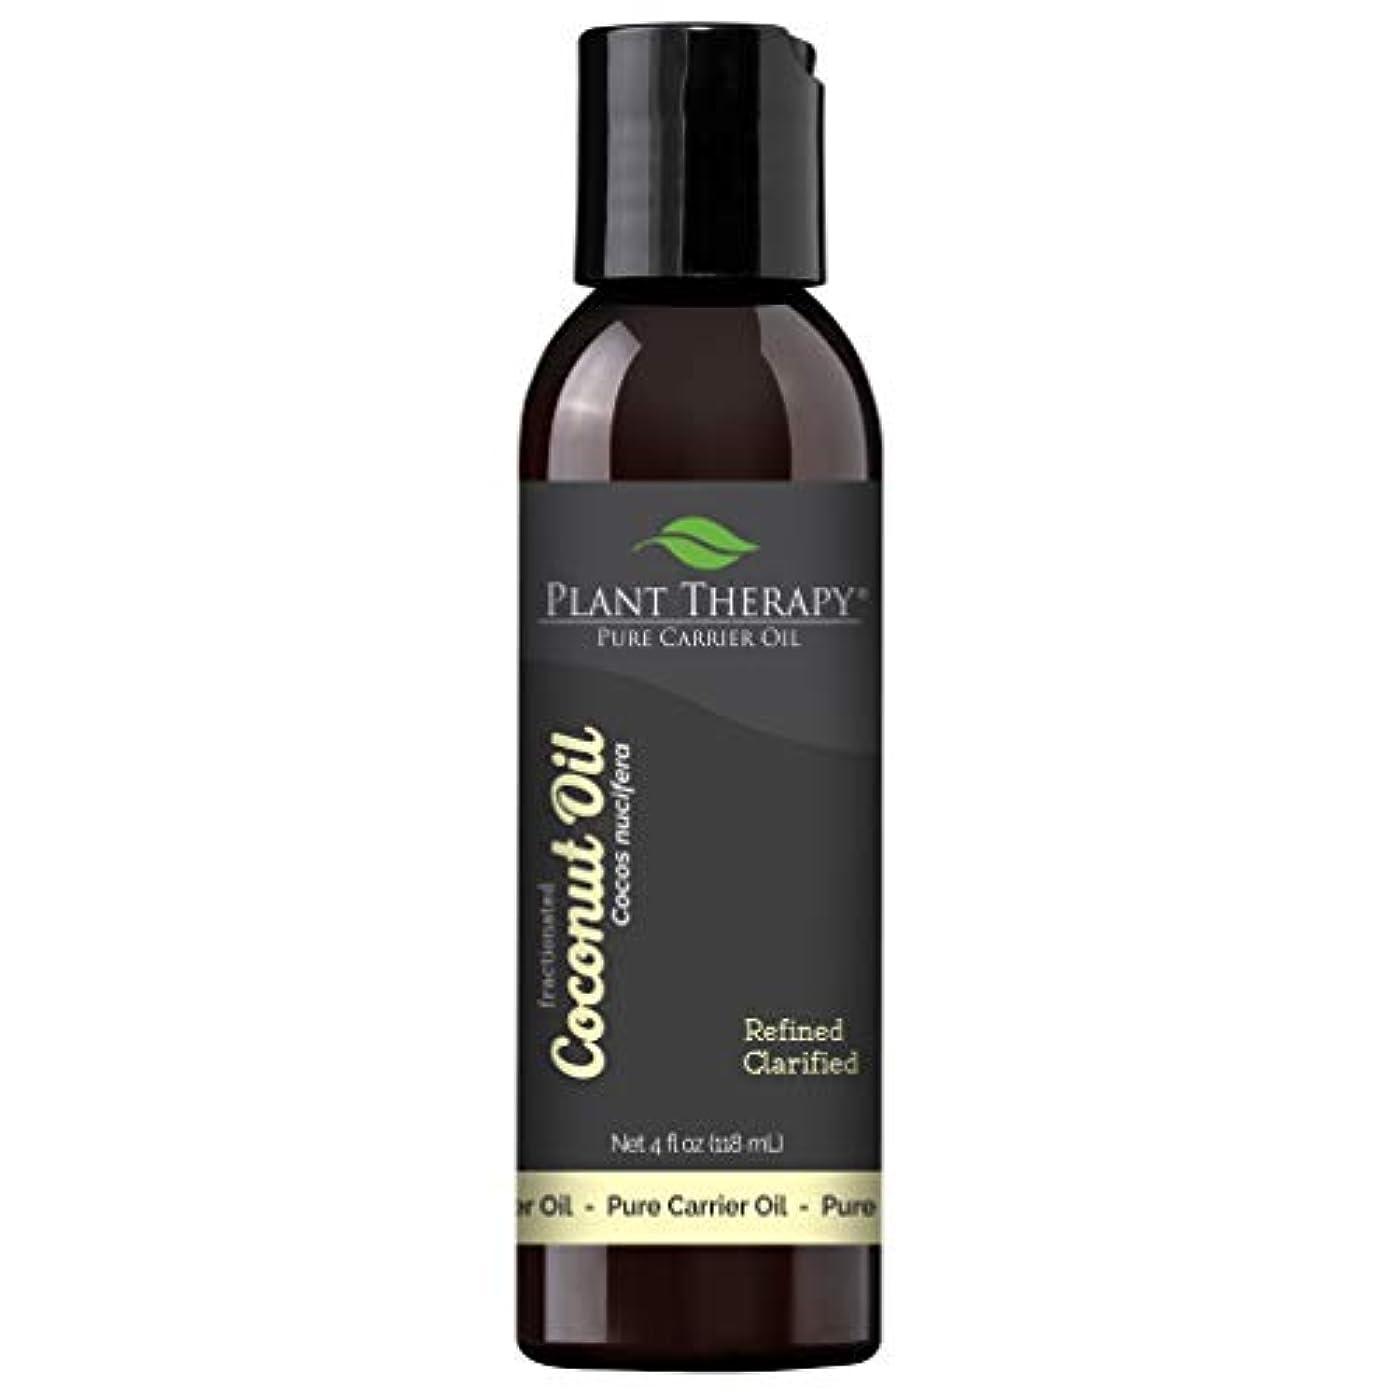 メンタルそよ風ペンダントPlant Therapy Essential Oils (プラントセラピー エッセンシャルオイル) ココナッツ (分別蒸留) 4 オンス キャリアオイル